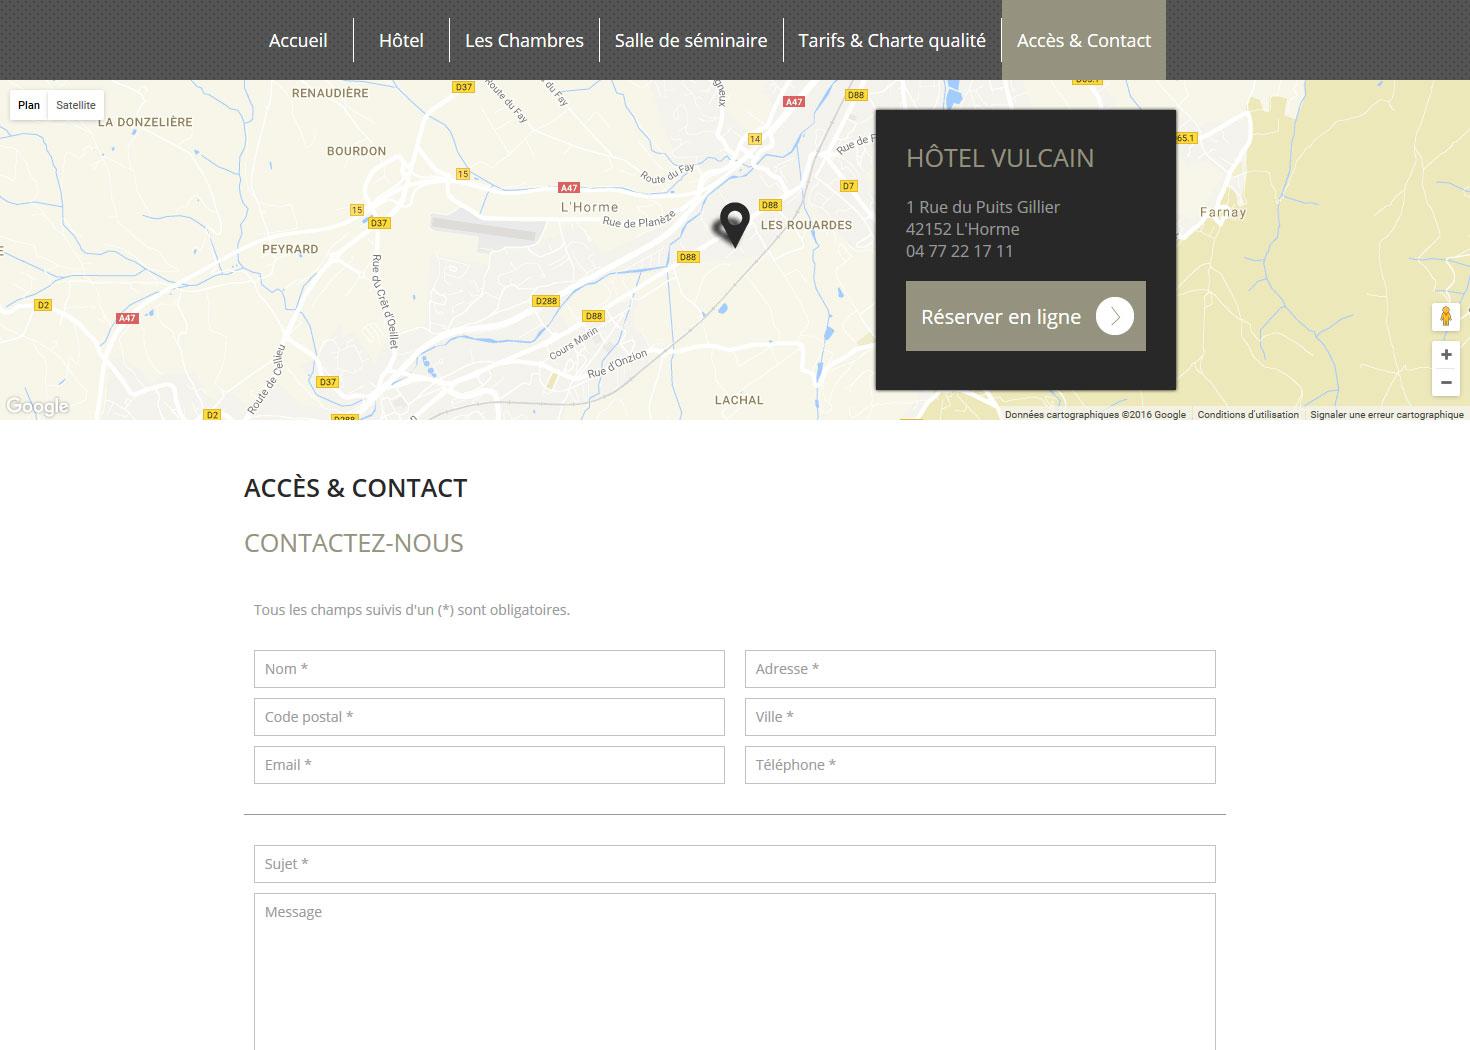 hotelvulcain-page4